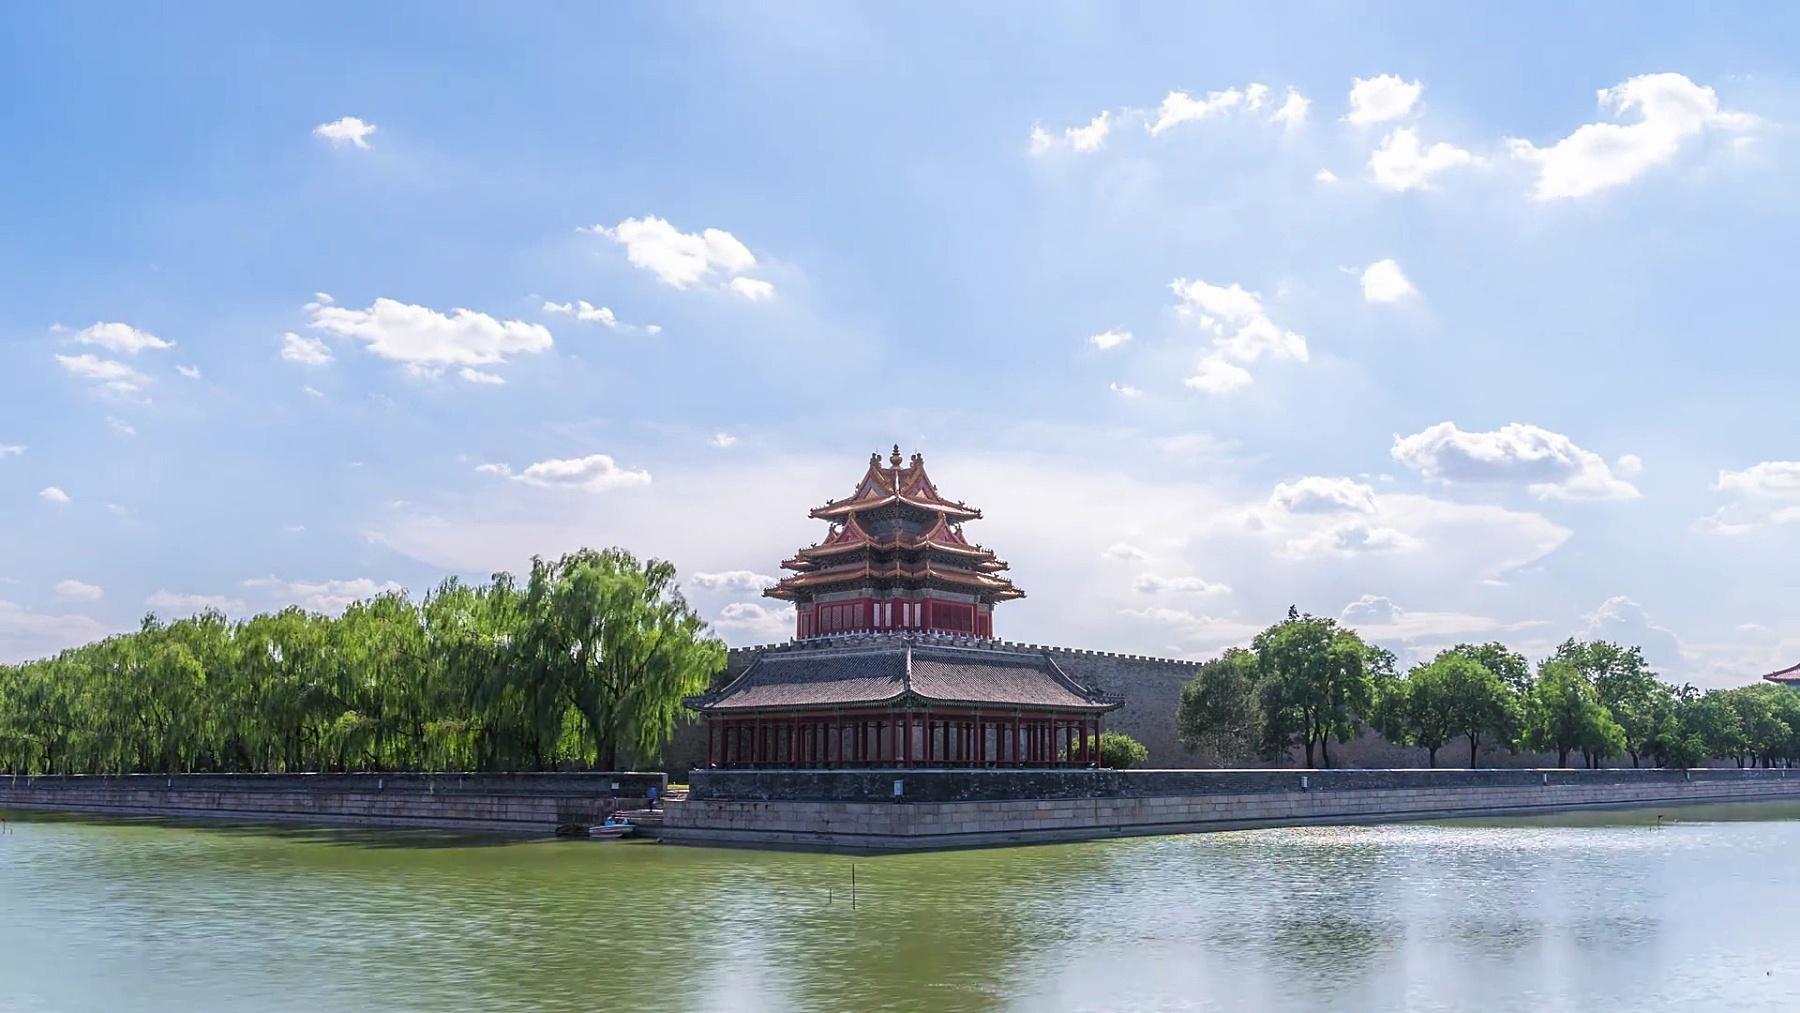 鸟瞰北京的柳树,湖泊和宝塔,时光流逝。